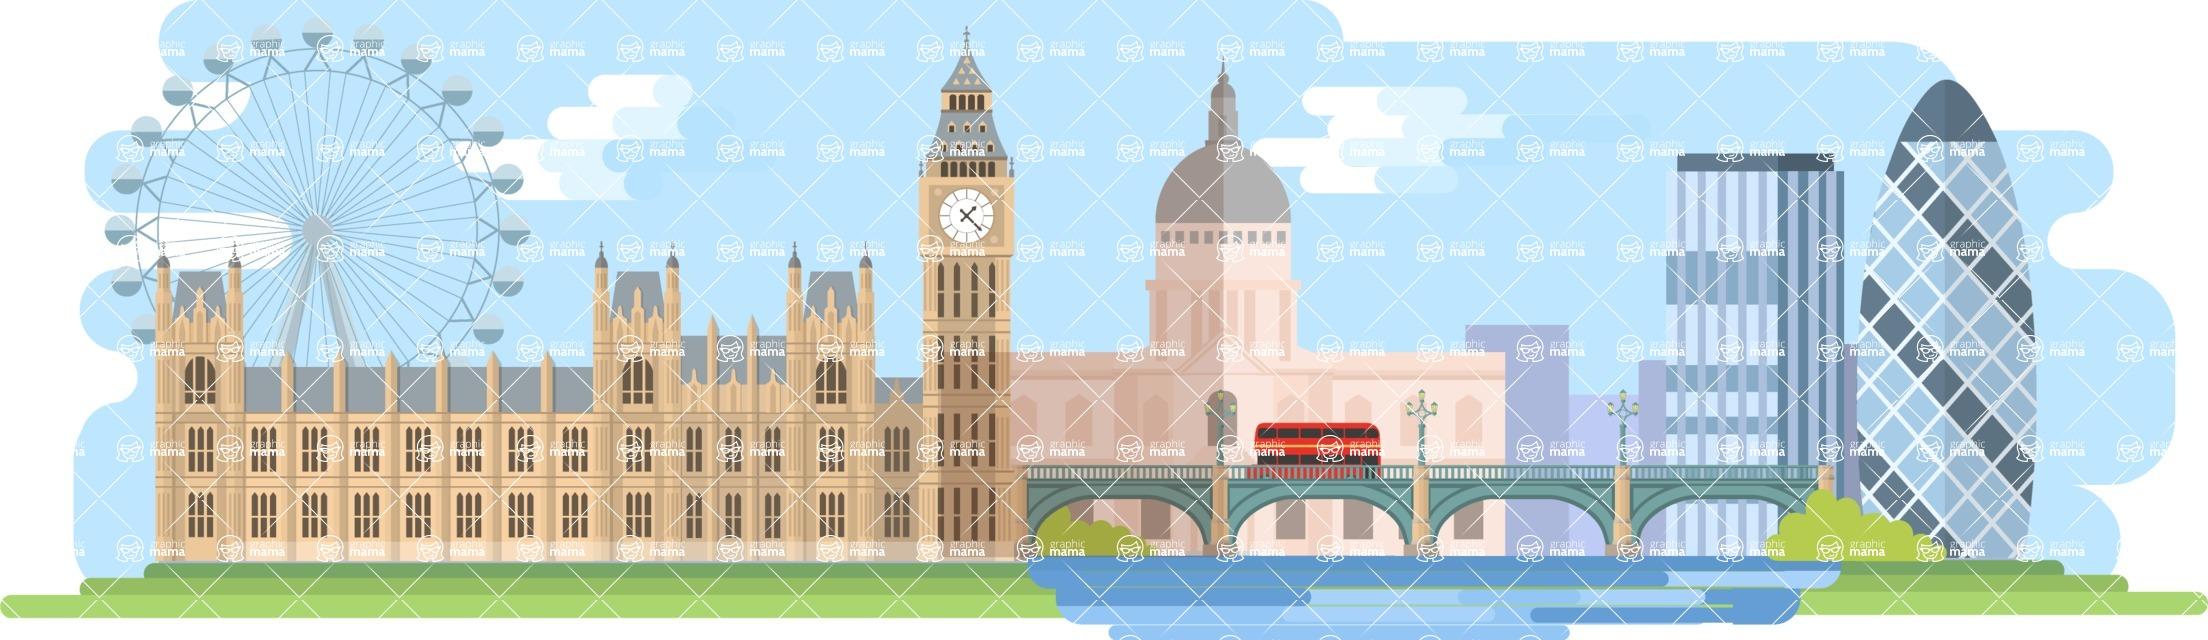 London Wide Landscape